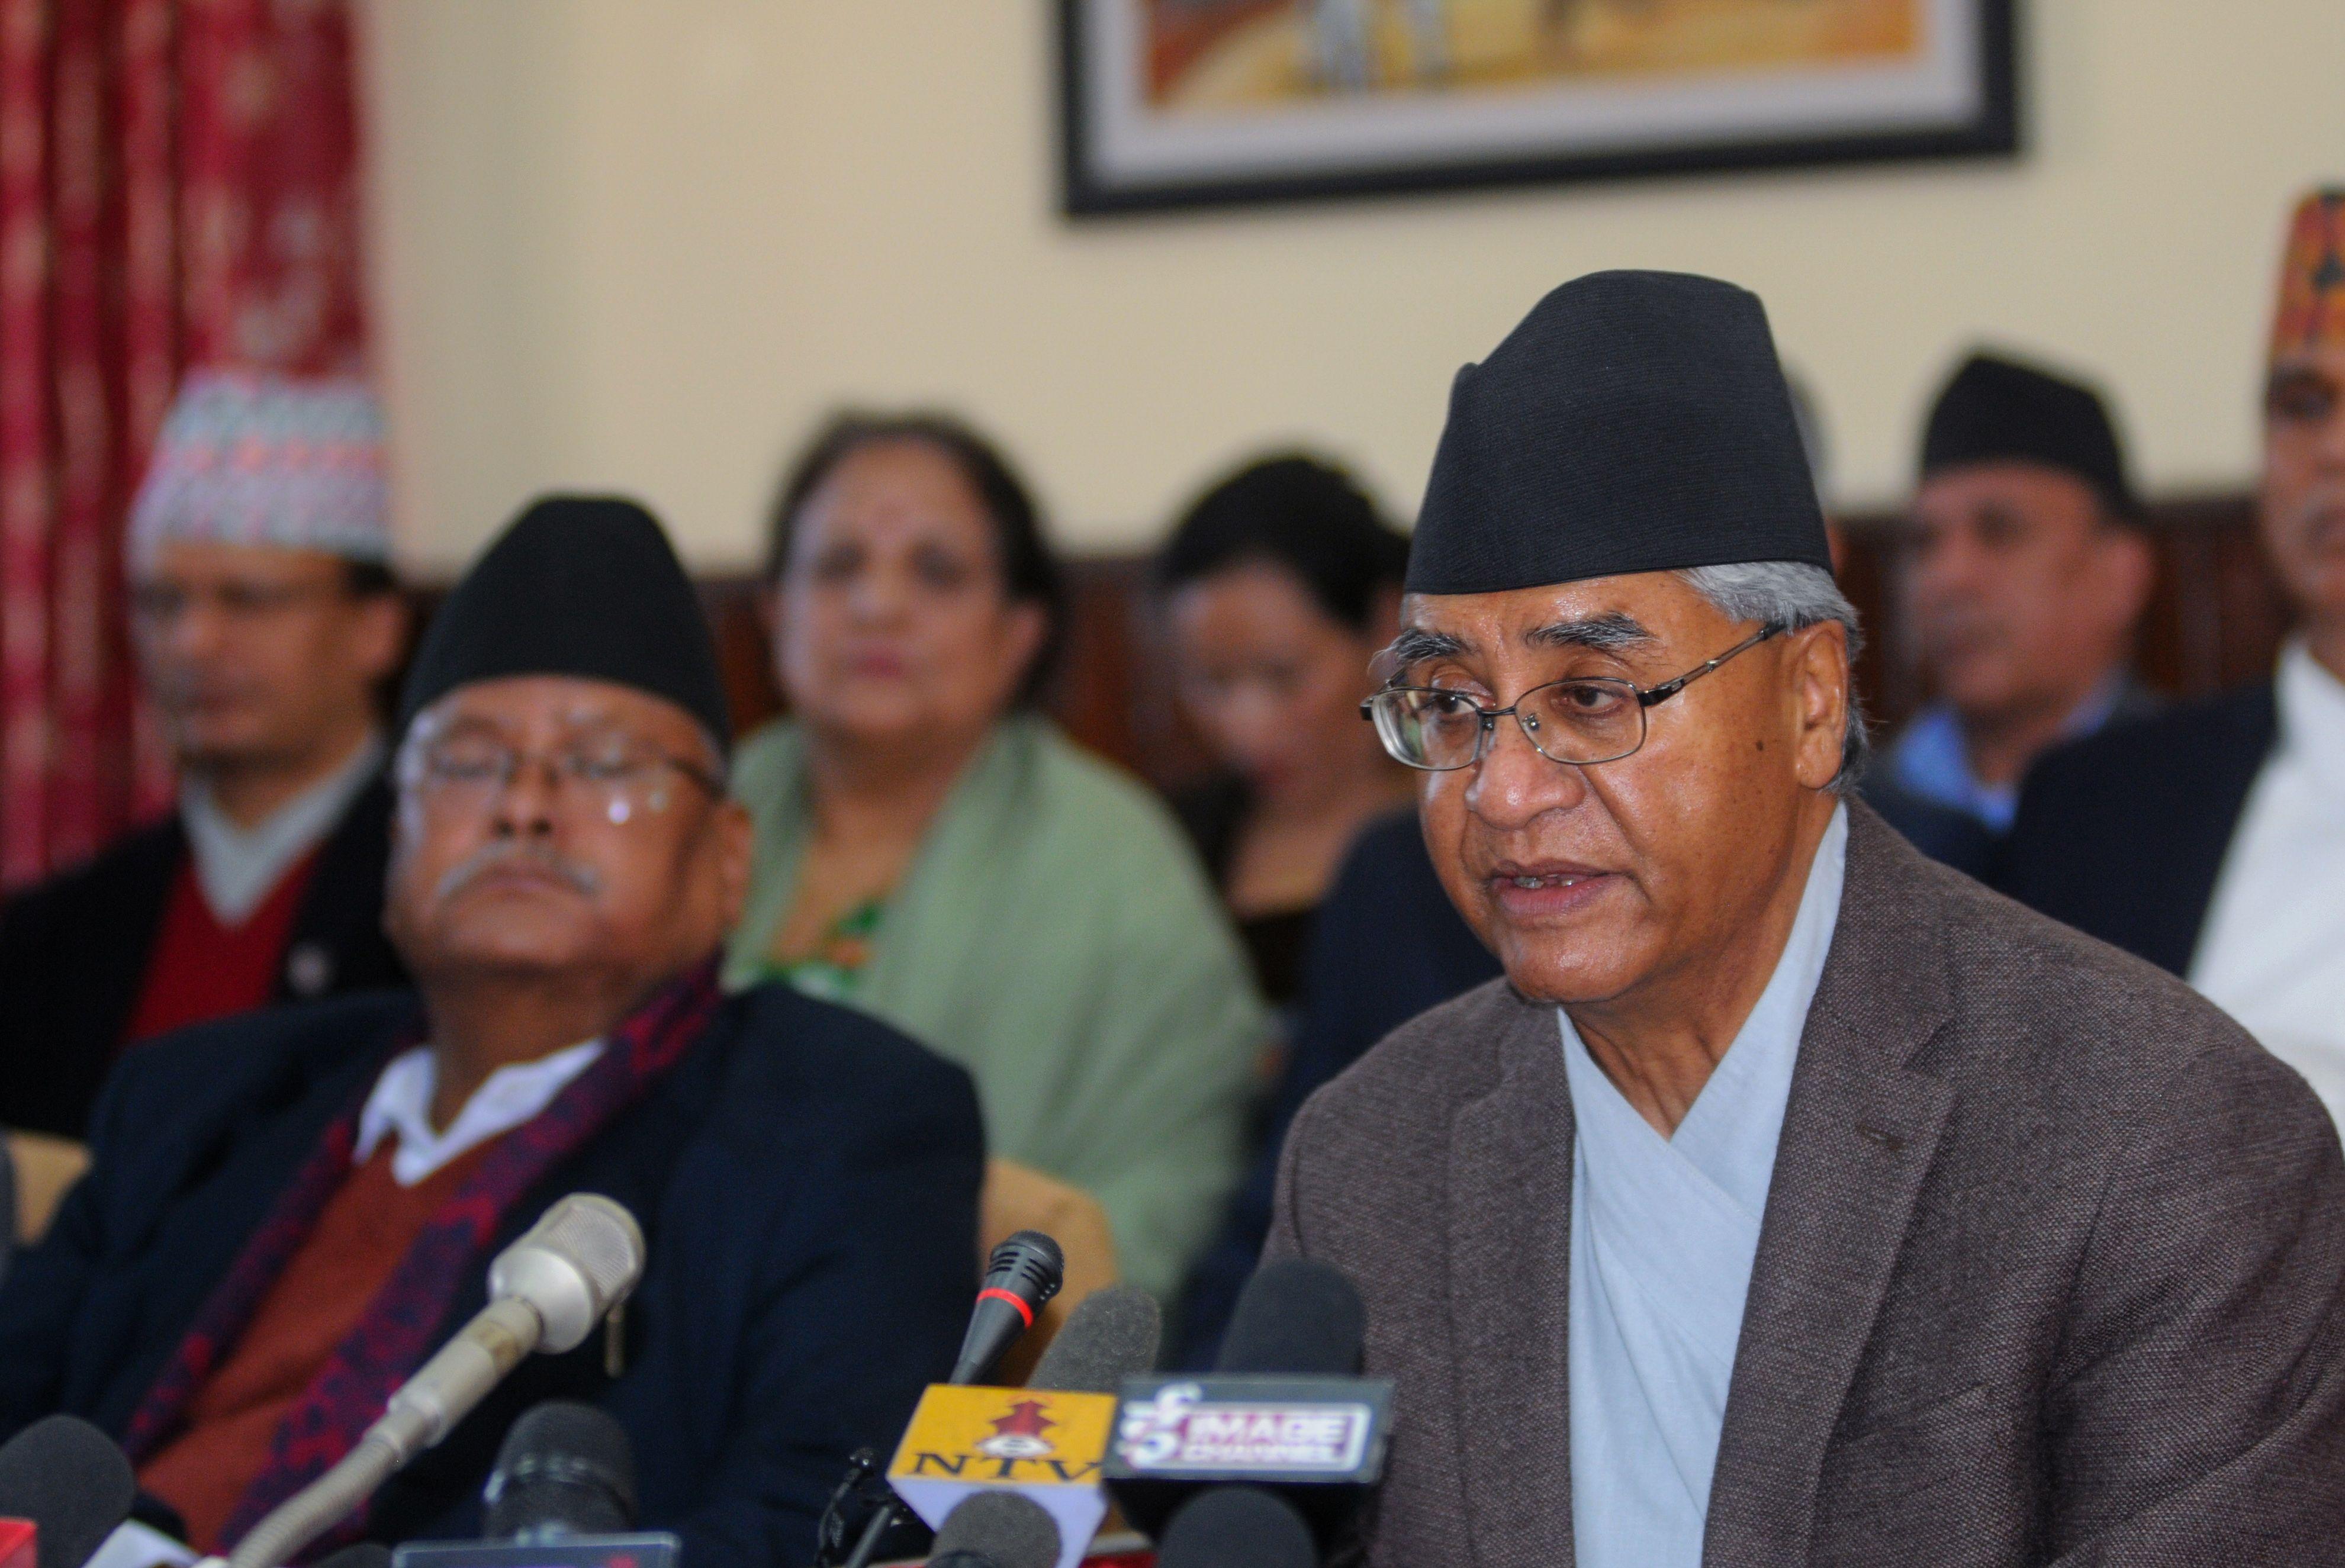 شير باهادور ديوبا رئيس وزراء نيبال فى حديثه للنيباليين